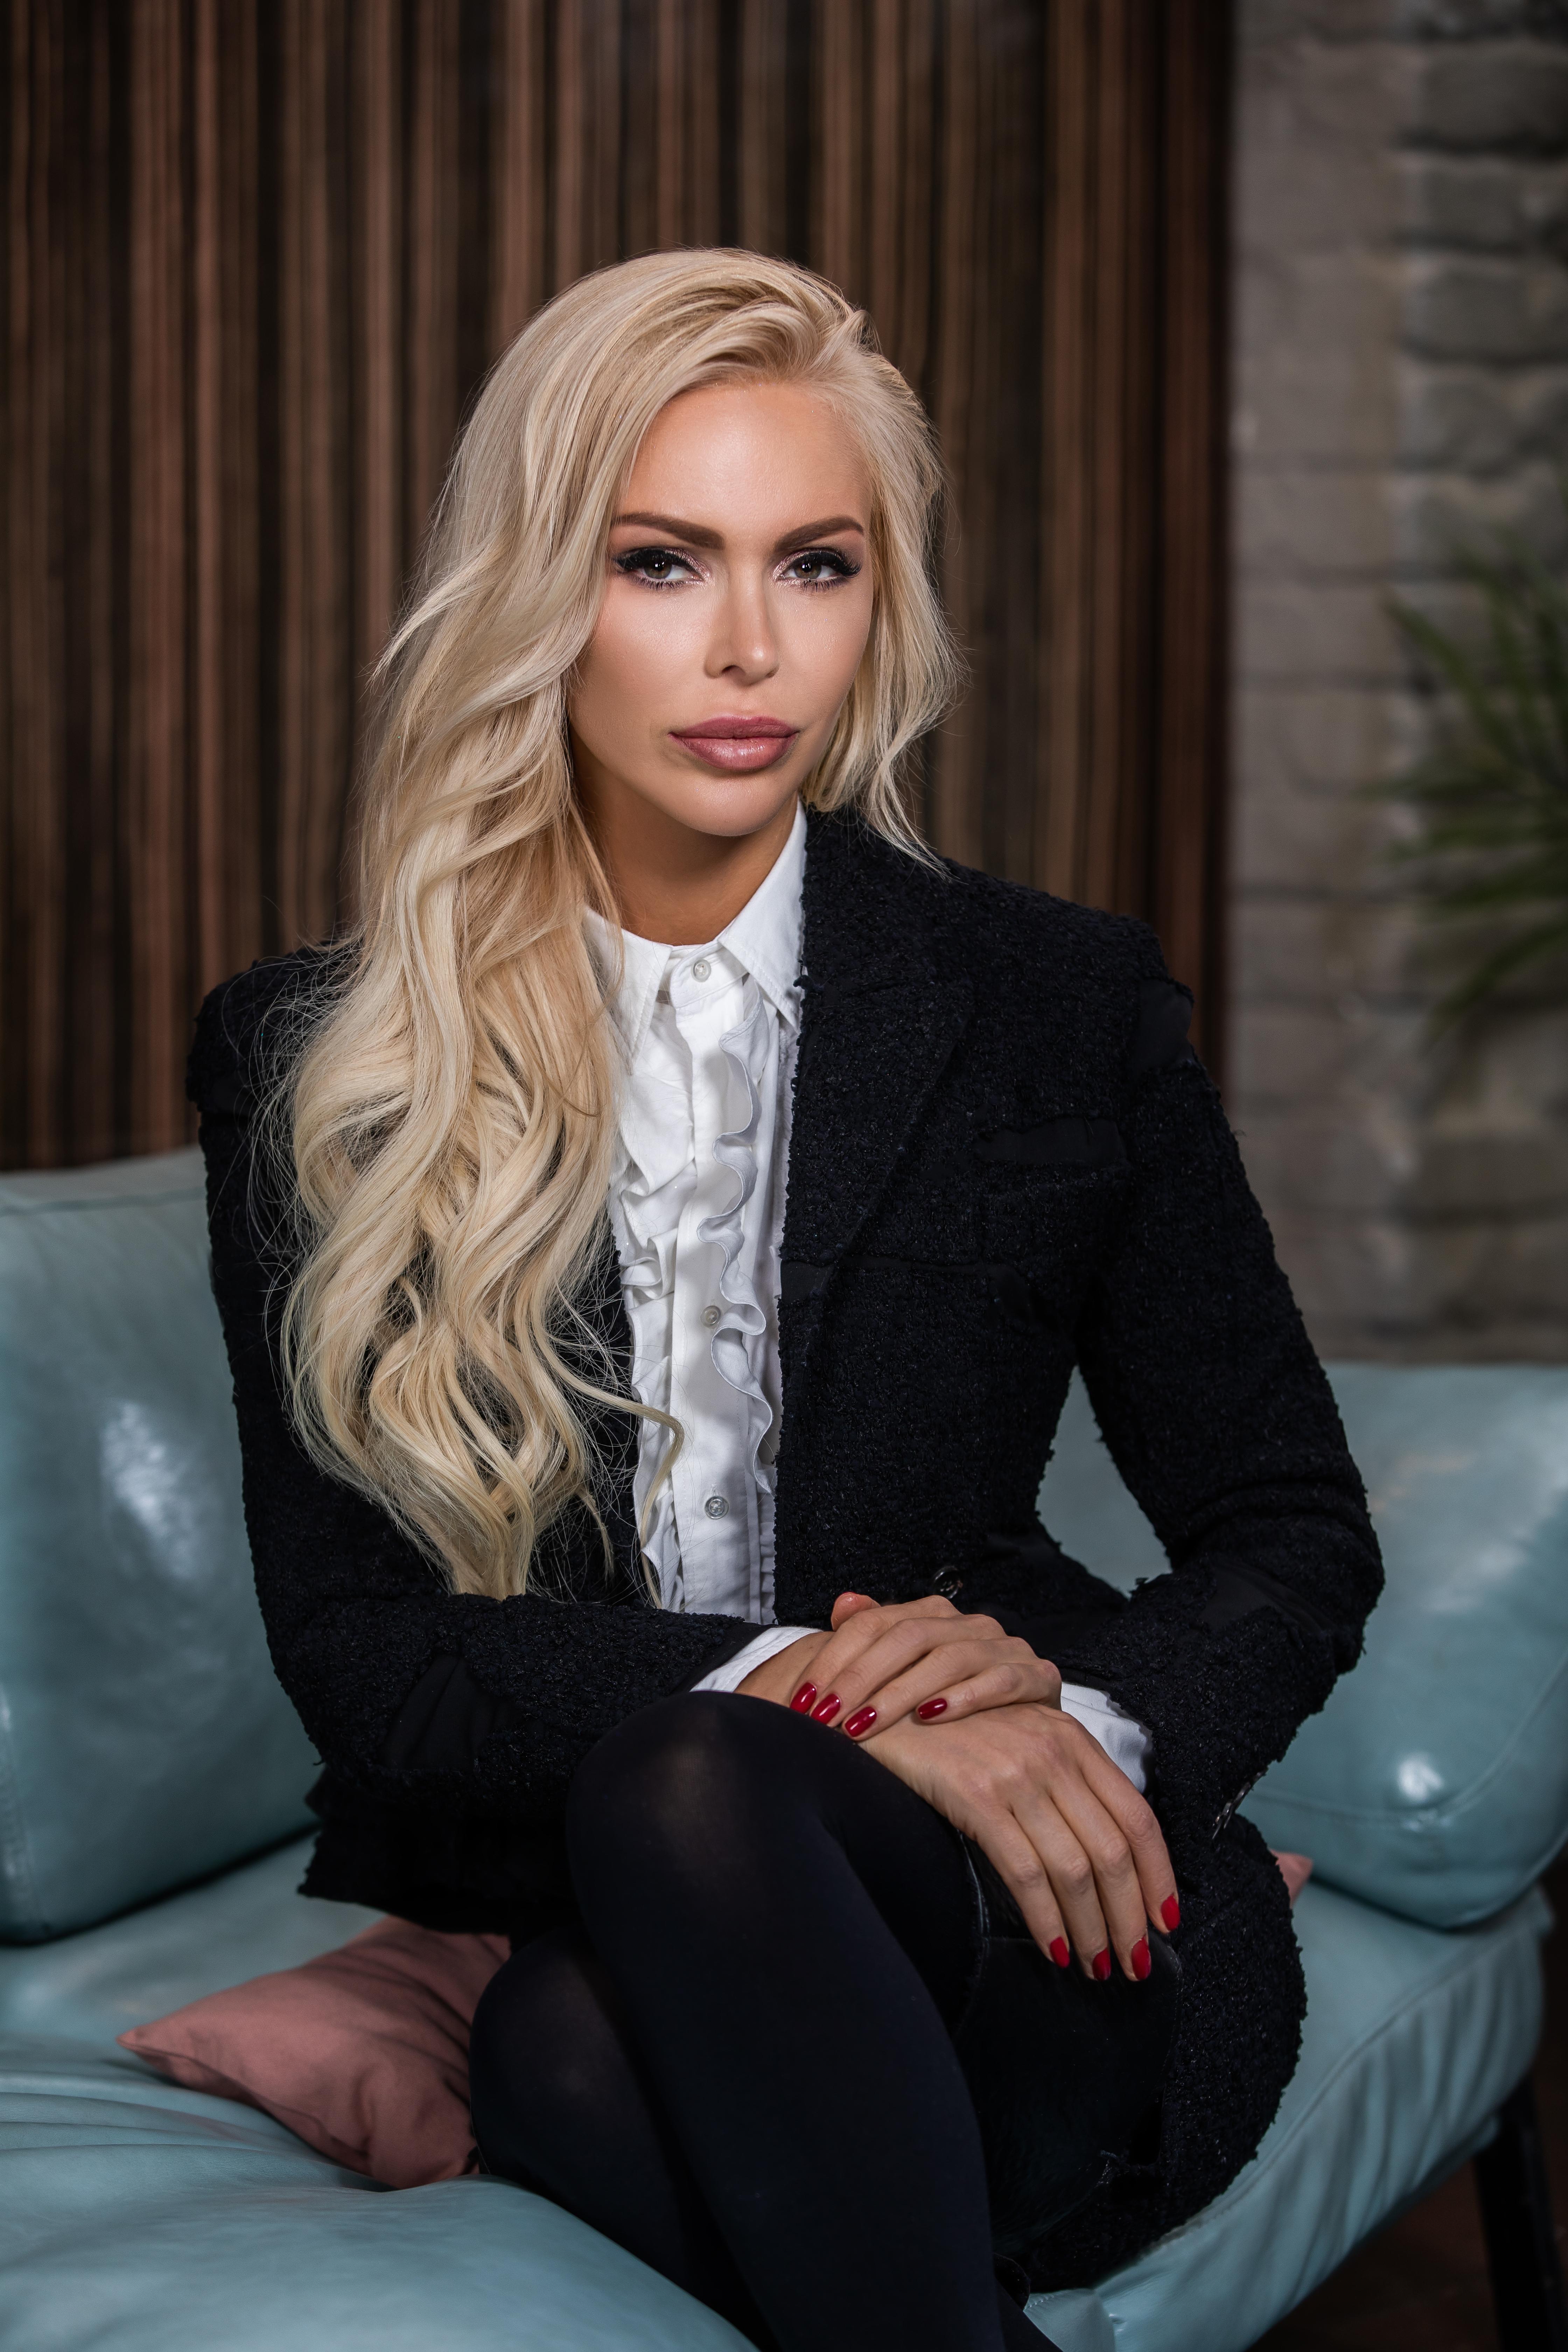 Алиса Лобанова, ТОЙ.РУ